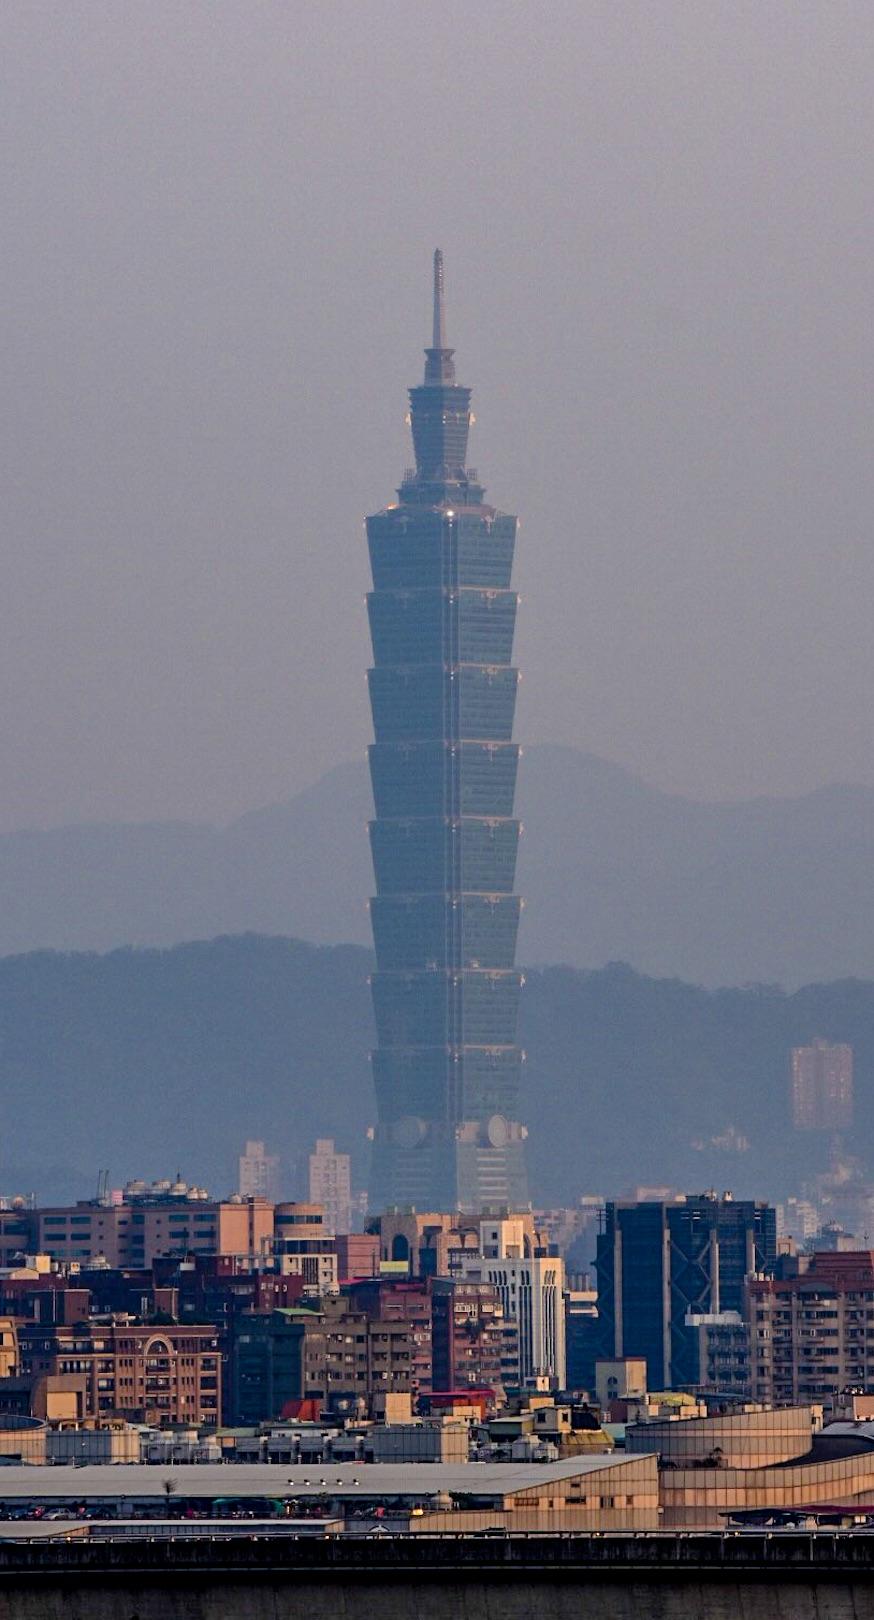 Taipeis höchstes Gebäude vom Grand Hotel aus aufgenommen